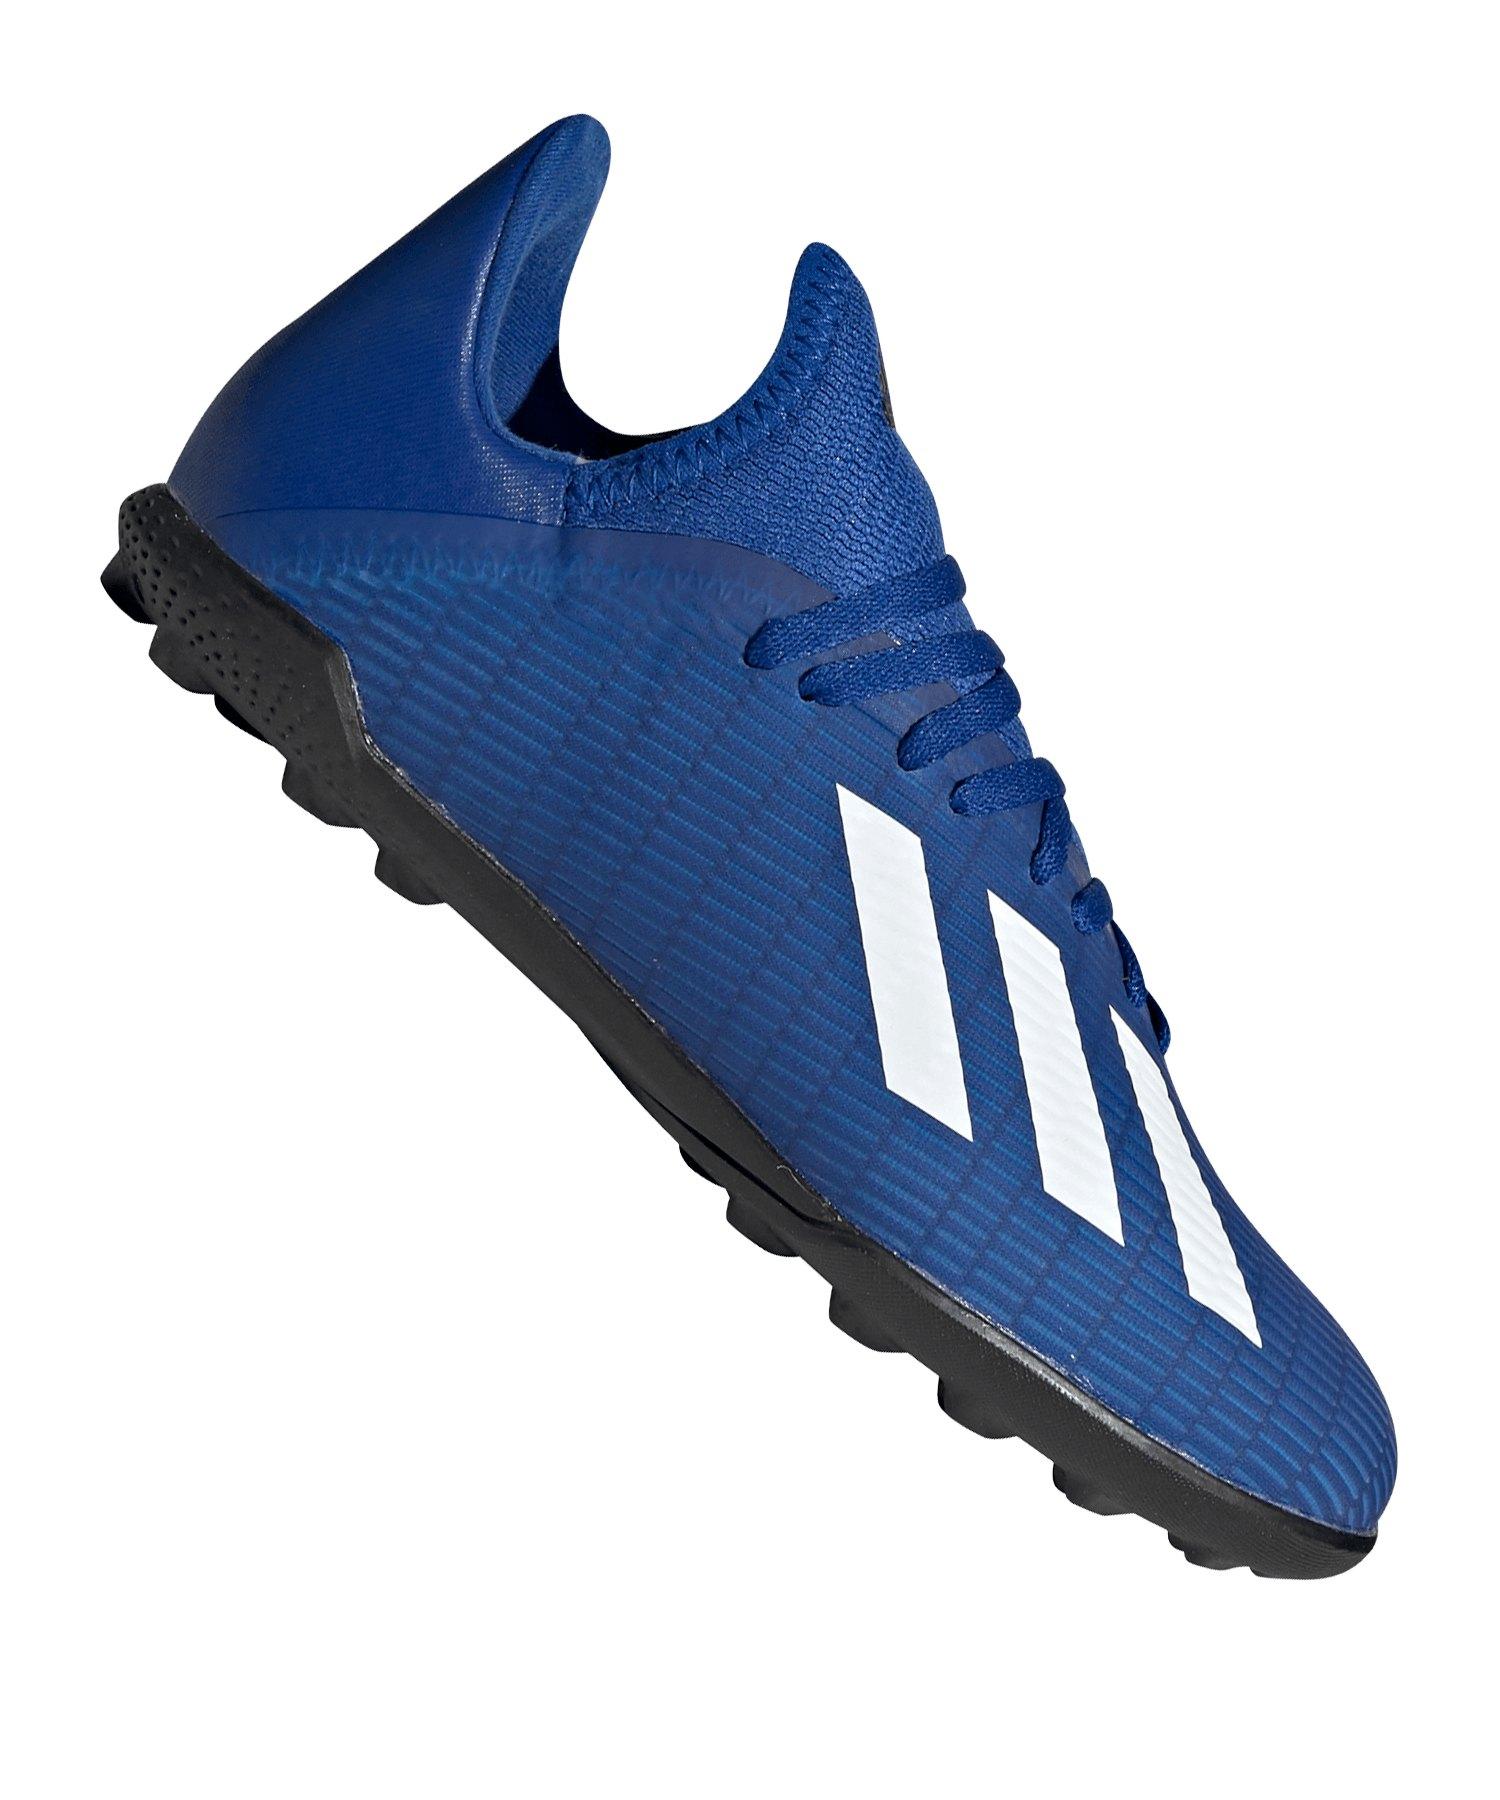 adidas X 19.3 TF J Kids Blau Schwarz - blau